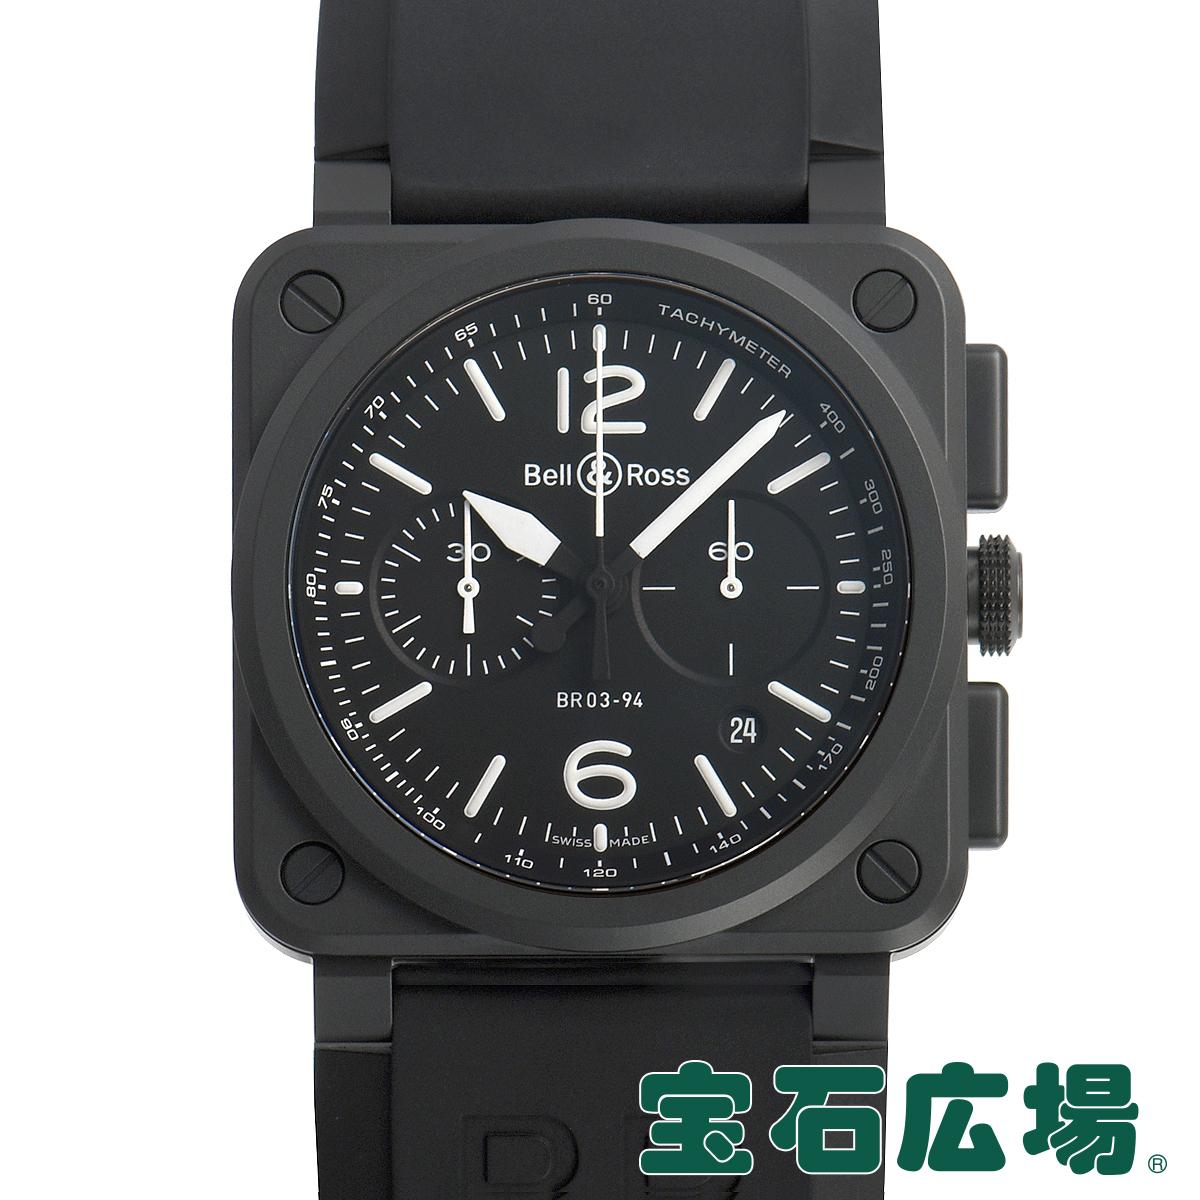 ベル&ロス BELL & ROSS BR03-94 BLACK MATTE BR03-94-BL-CE【新品】メンズ 腕時計 送料無料